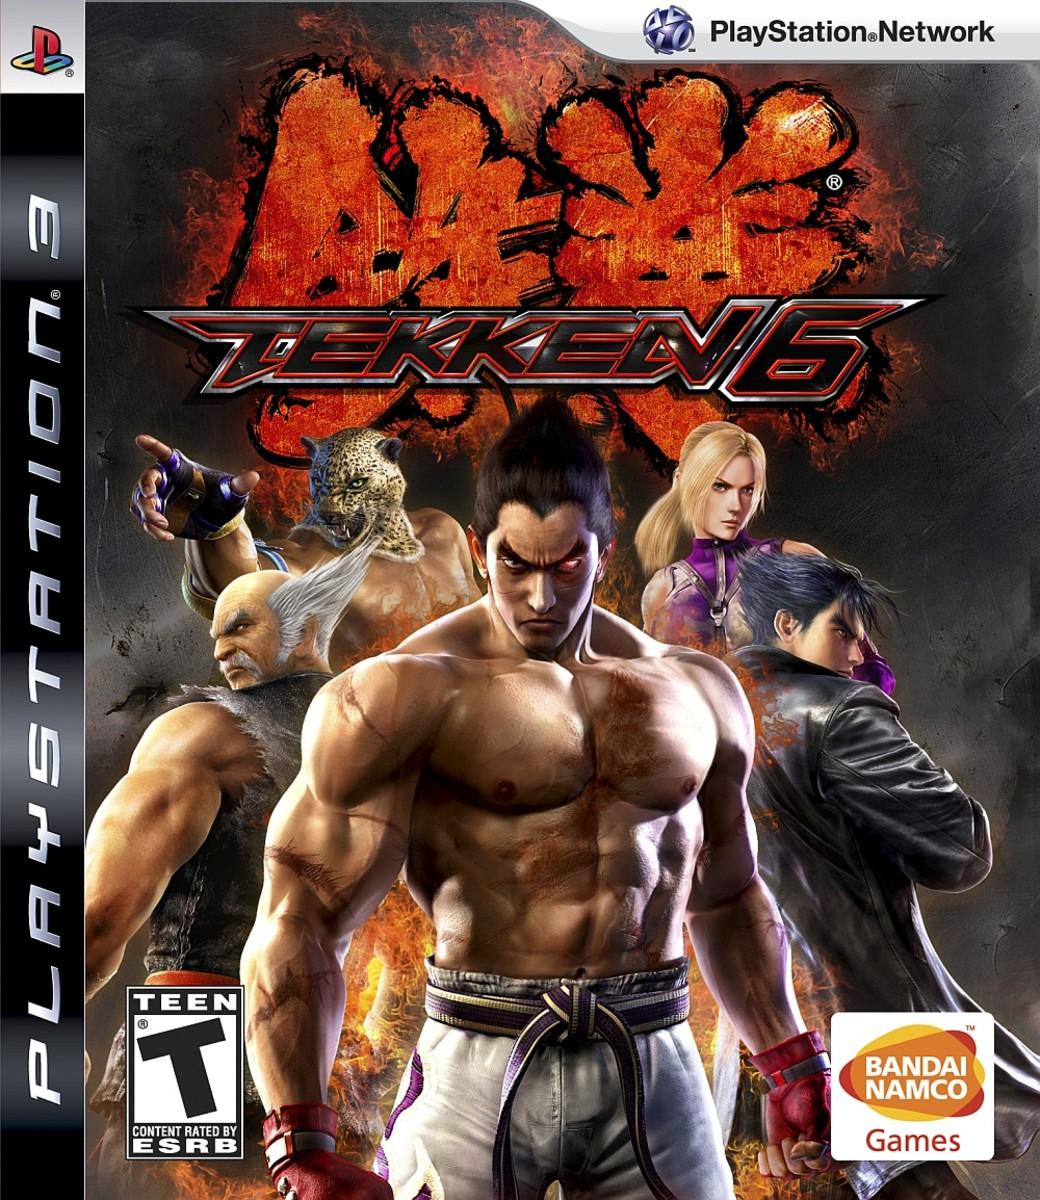 Tekken 6: Review